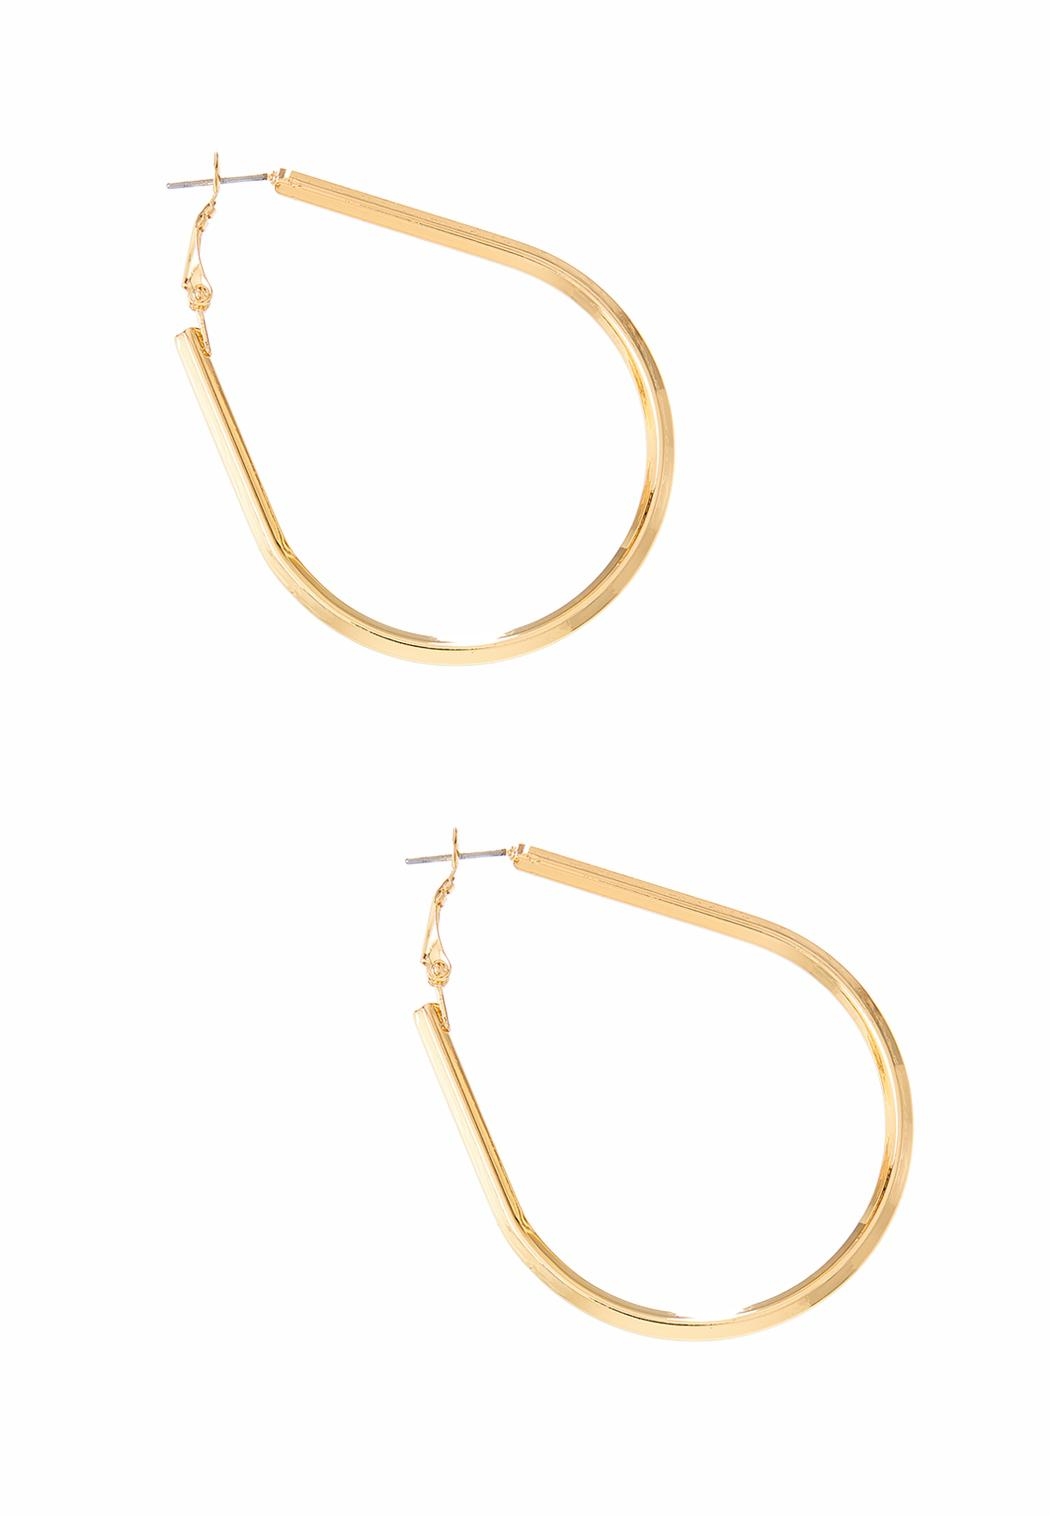 Oval Gold Hoop Earrings